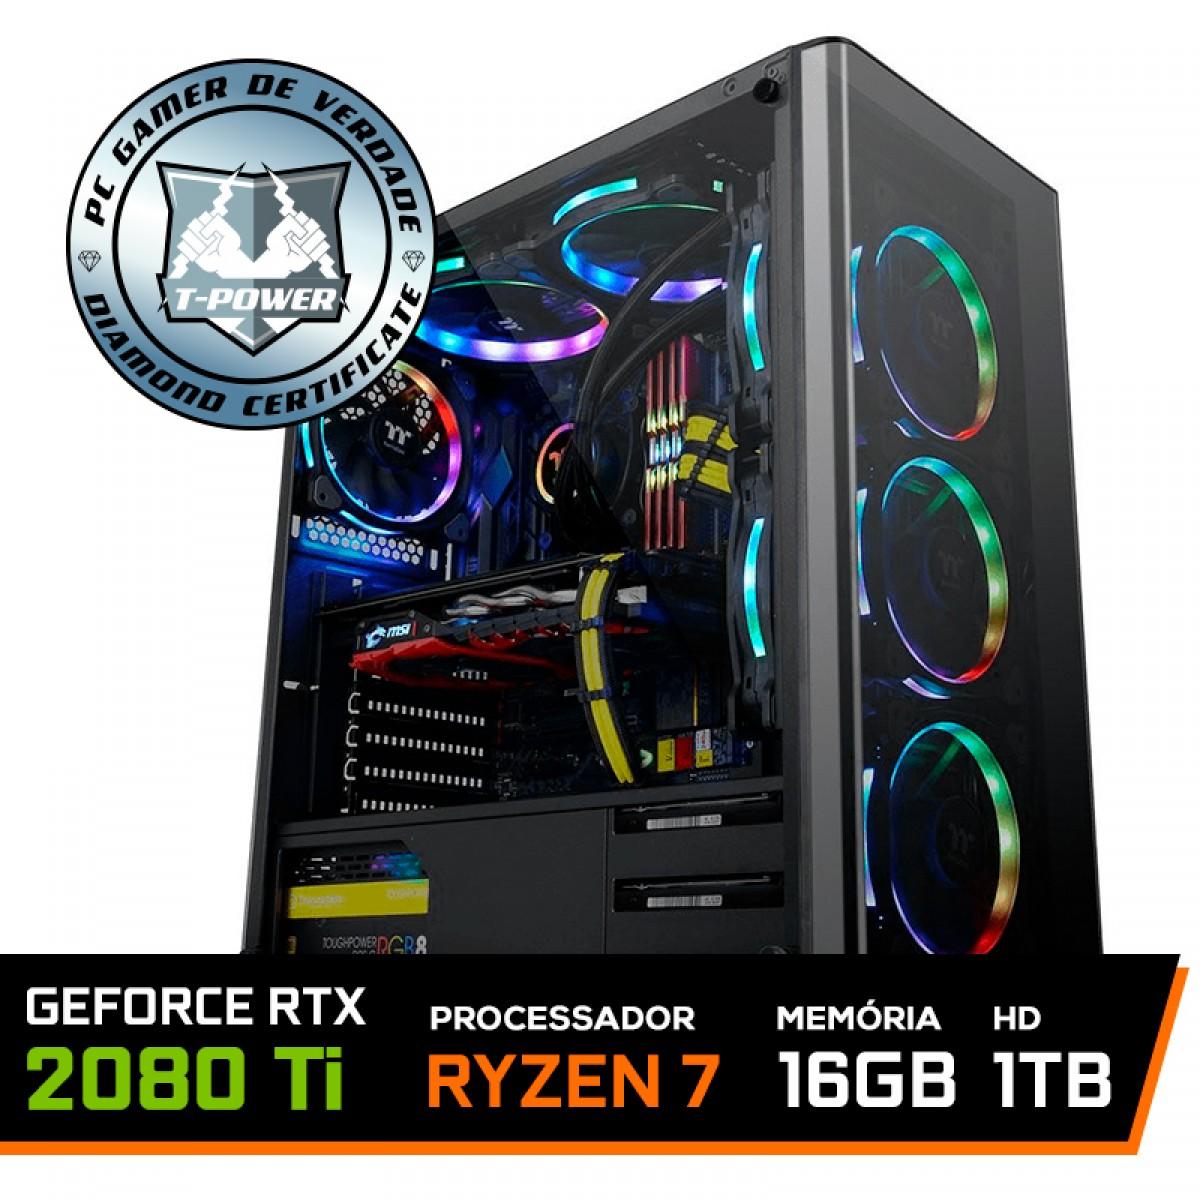 Pc Gamer T-Power Destroyer Lvl-6 AMD Ryzen 7 3800X / GeForce RTX 2080 Ti / DDR4 16GB / HD 1TB / 600W